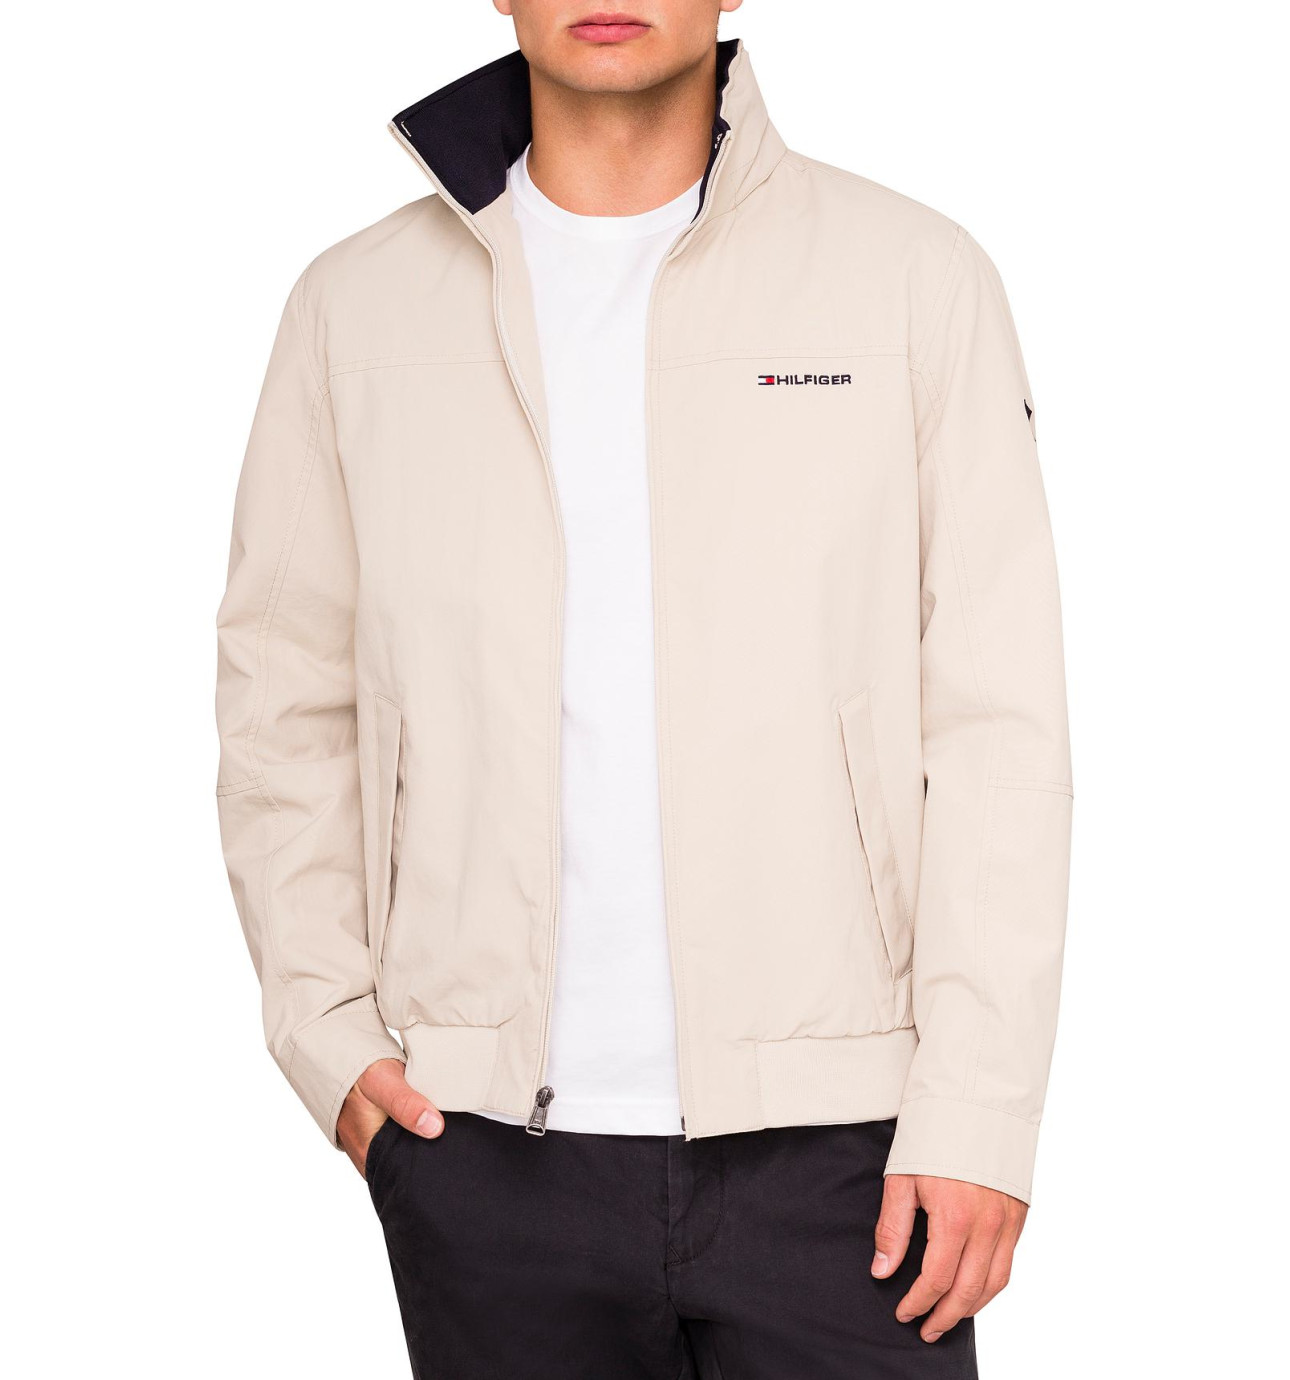 Mens jacket david jones - Content